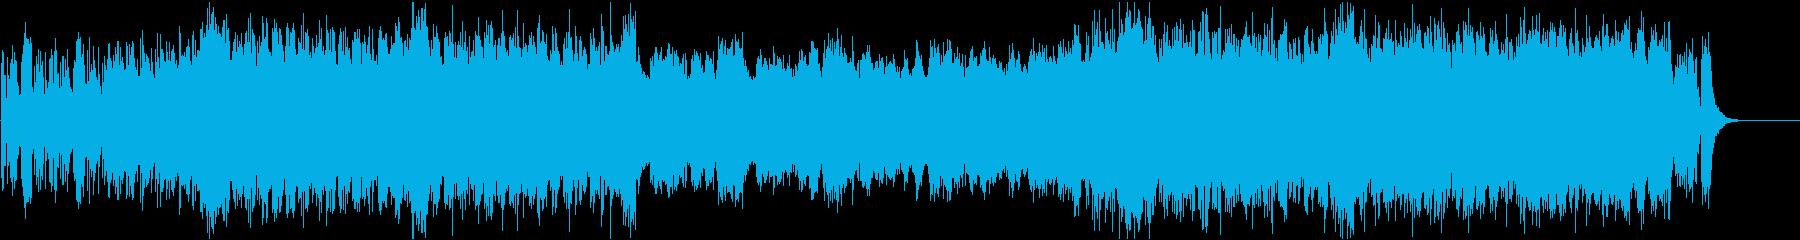 16bit, 48kHz version.'s reproduced waveform